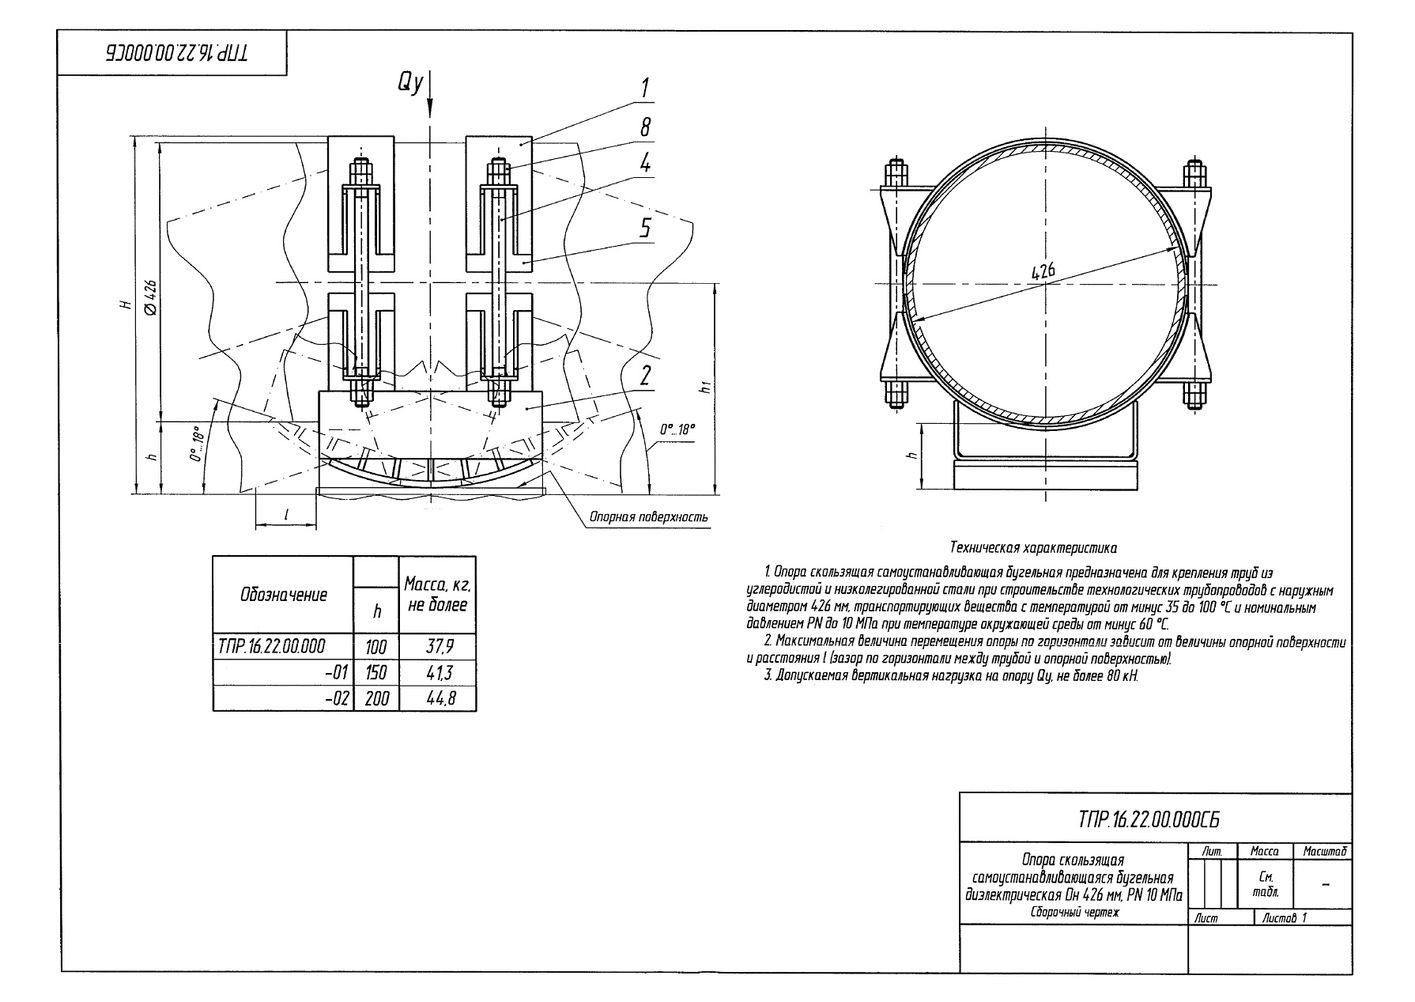 ТПР.16.22.00.000 Опоры скользящие самоустанавливающиеся бугельные диэлектрическая трубопроводов Дн 426 мм